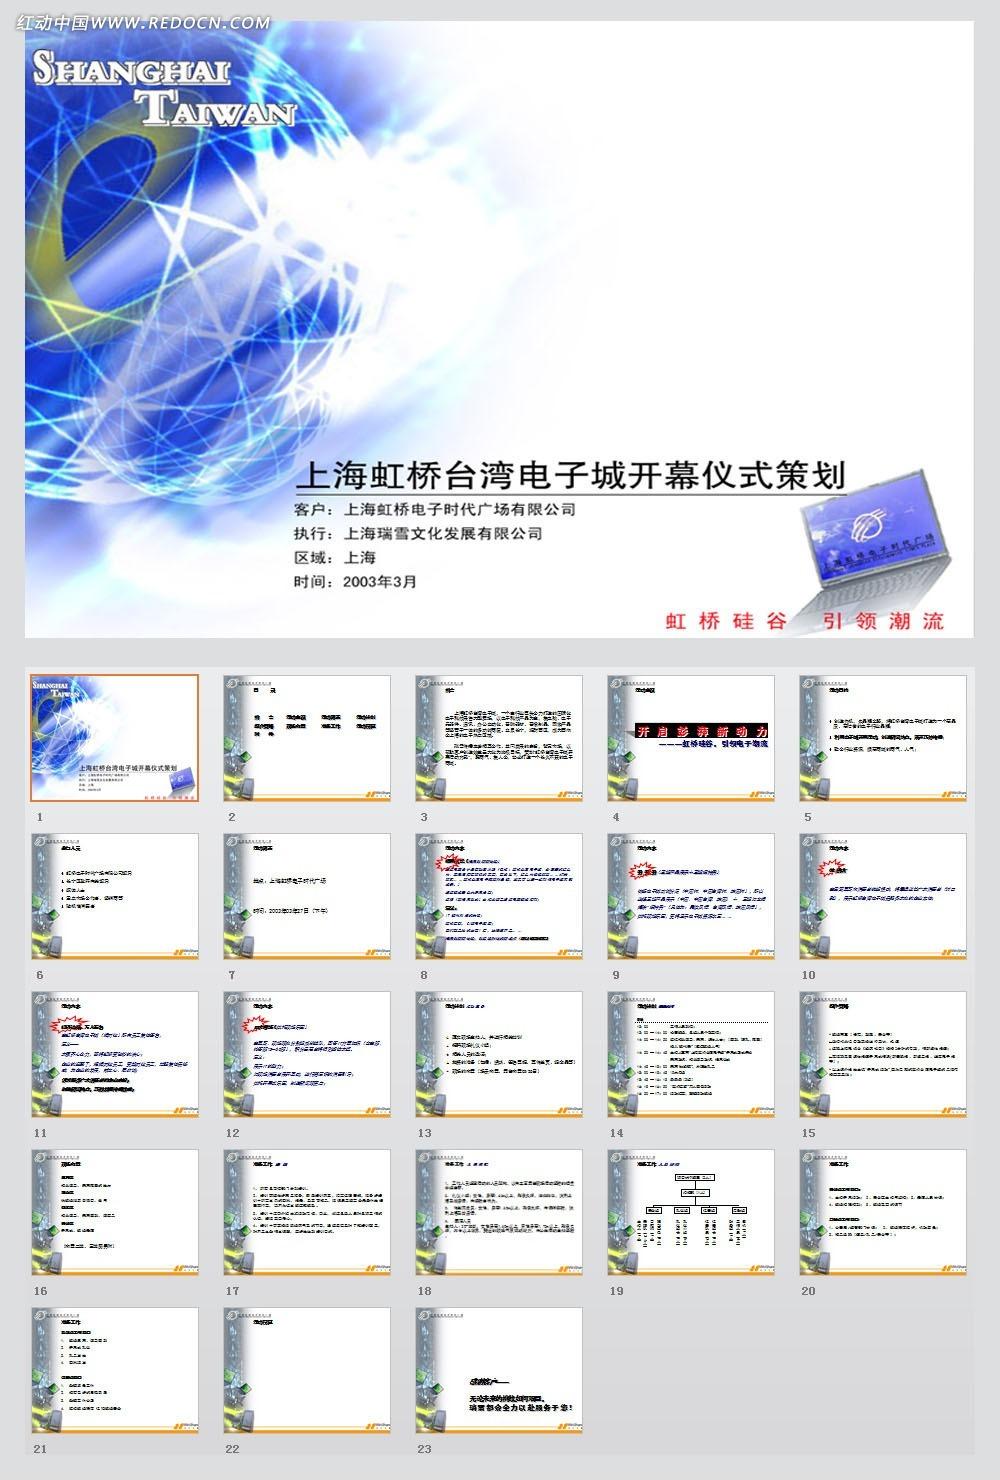 虹桥台湾电子城开幕式企划案ppt模板